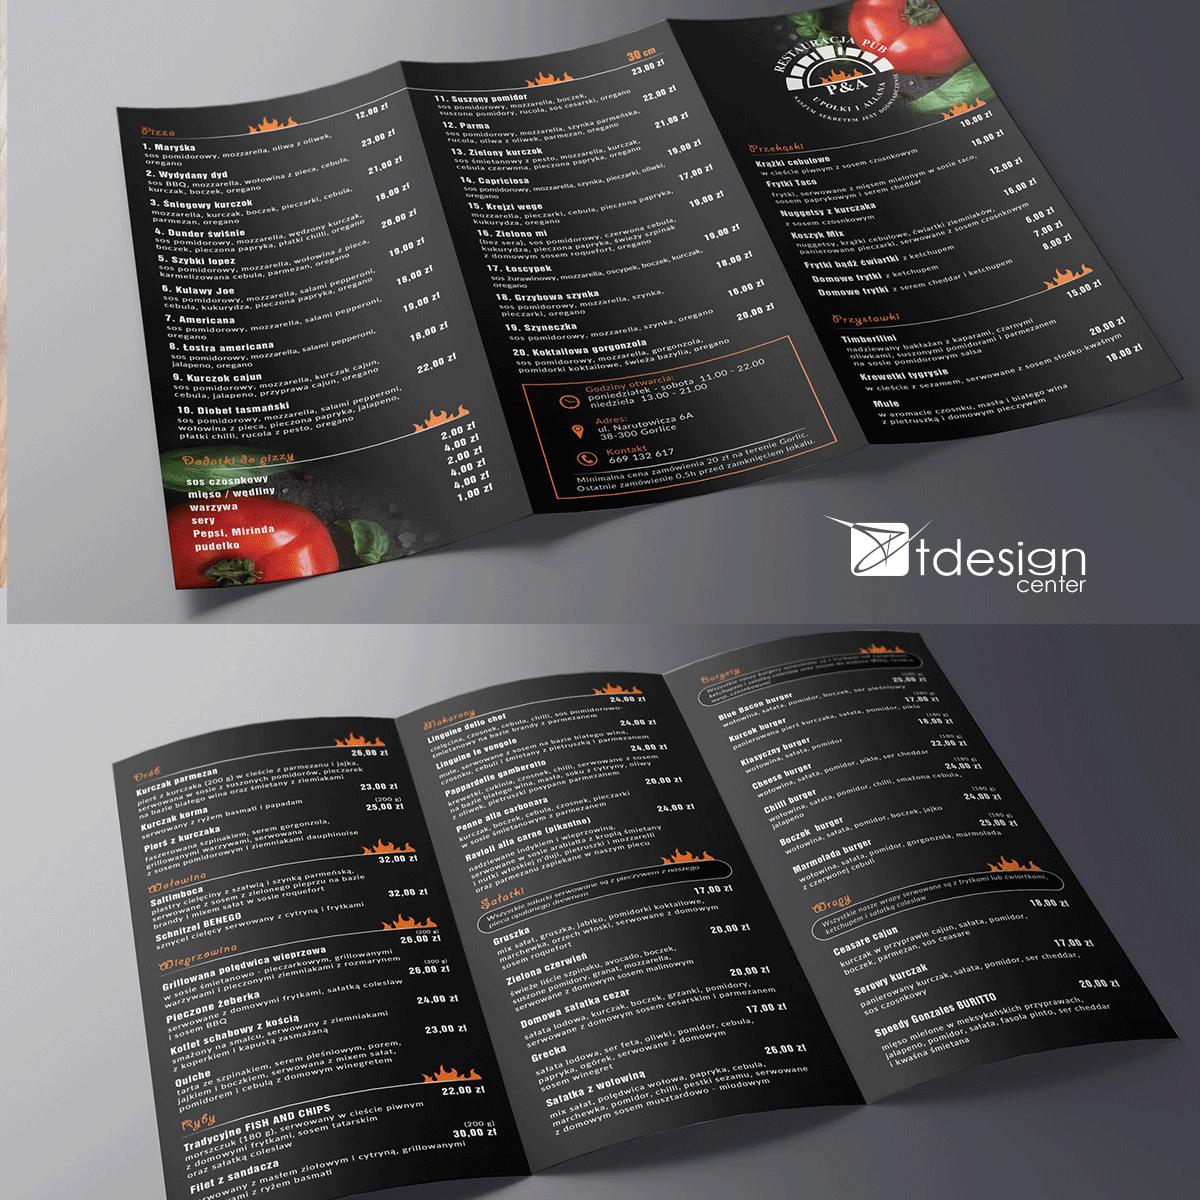 Ulotka A4 składana do DL, projekt + druk, realizacja dla restauracji U Połki i Allana